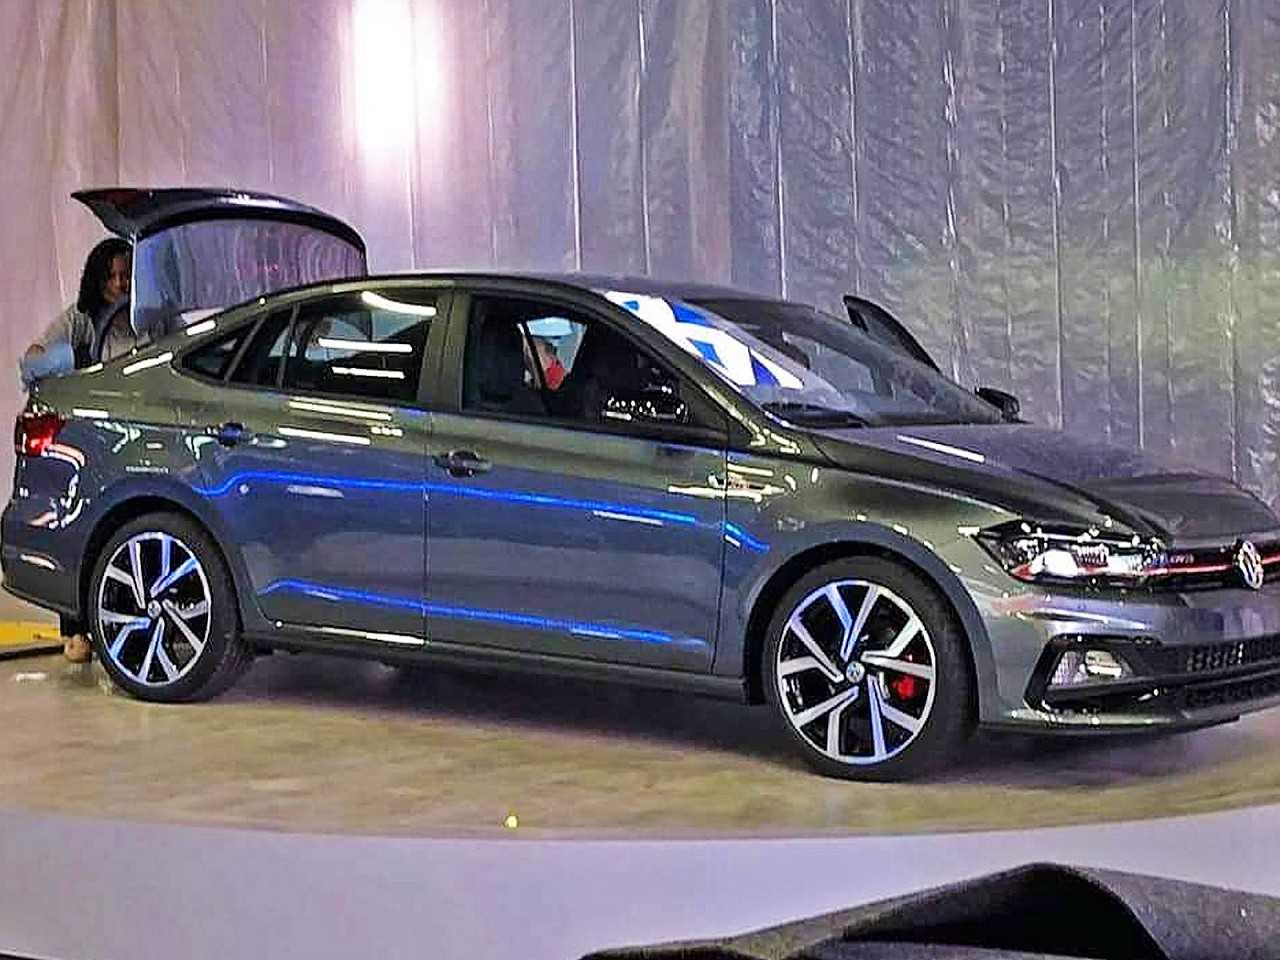 O Virtus GTS já sem a cobertura dentro do estande da VW